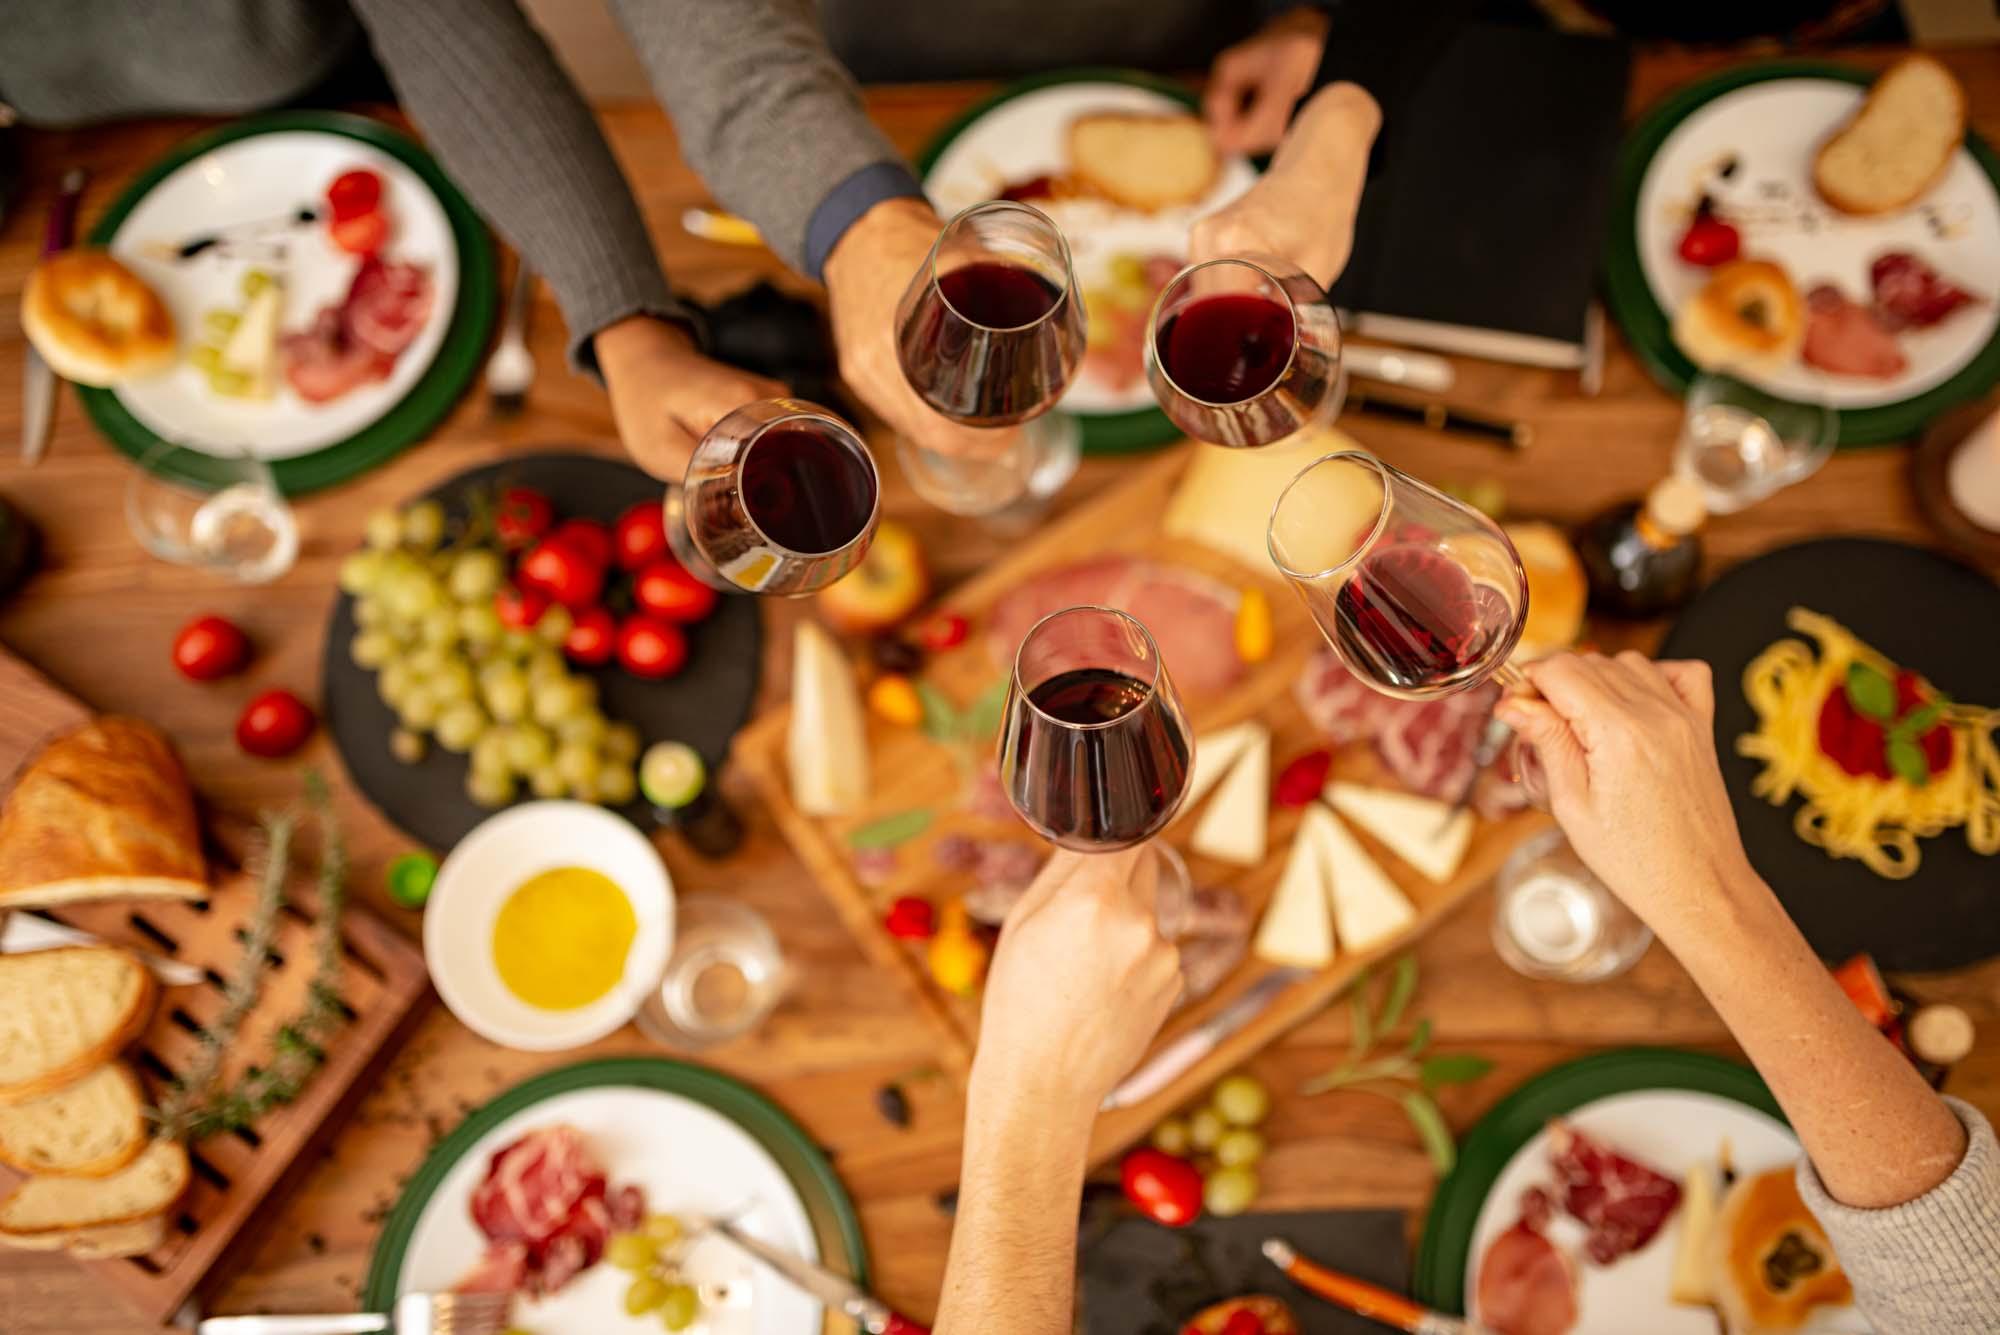 Degustazioni Enogastronomiche Eventi Aziendali a Modena